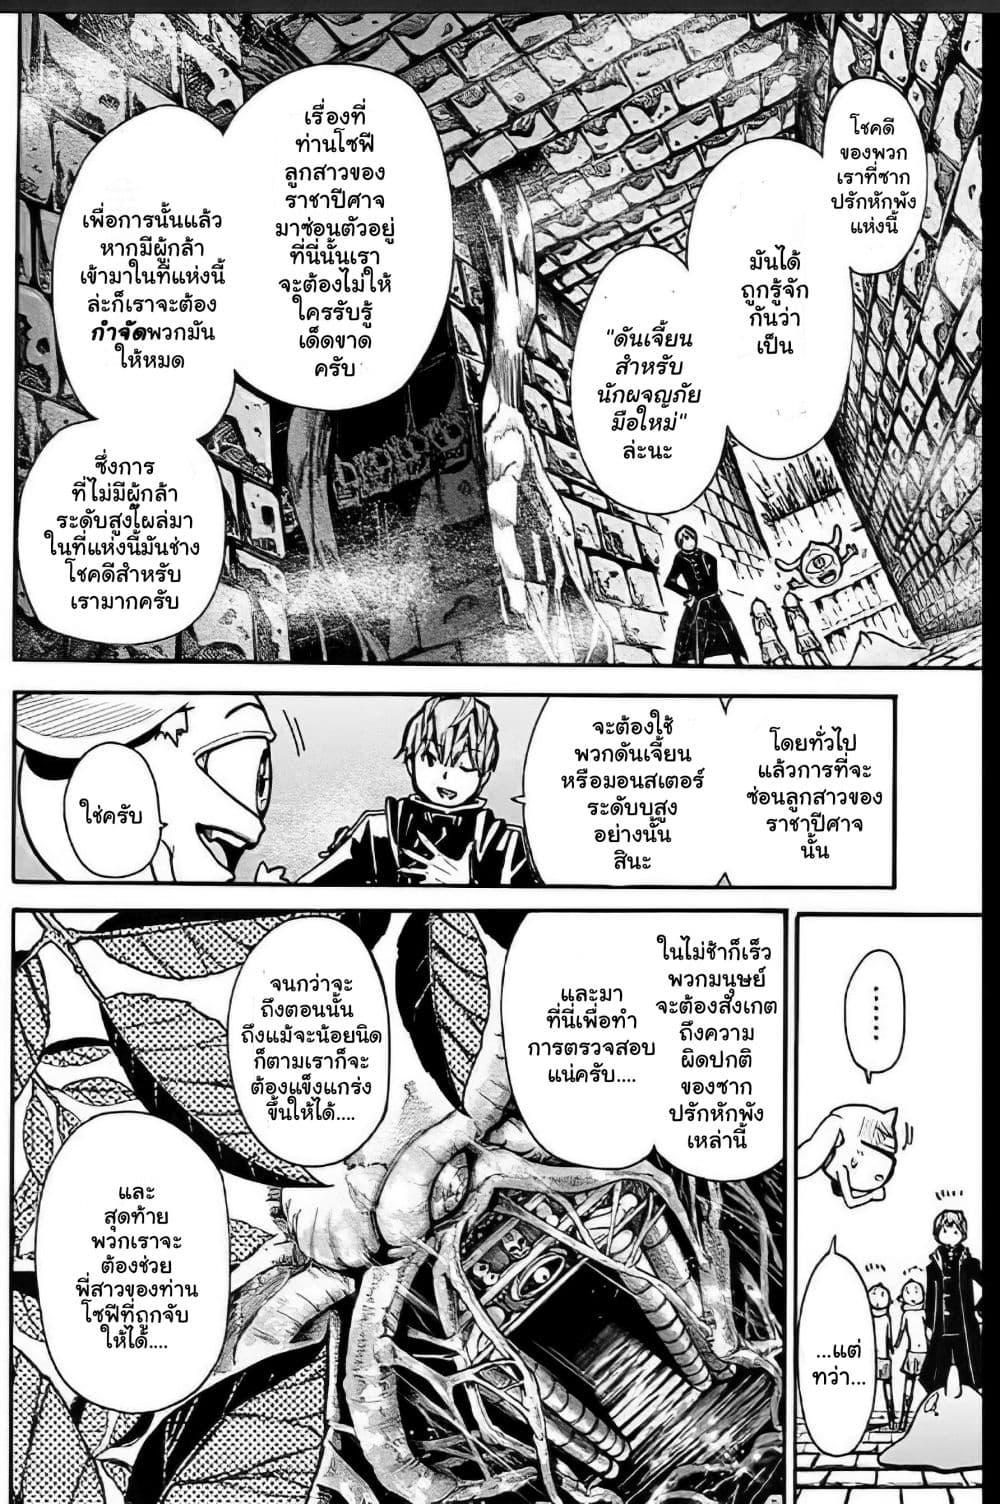 อ่านการ์ตูน Wazawaitsu Wanashi no Yuusha kari ตอนที่ 3 หน้าที่ 26